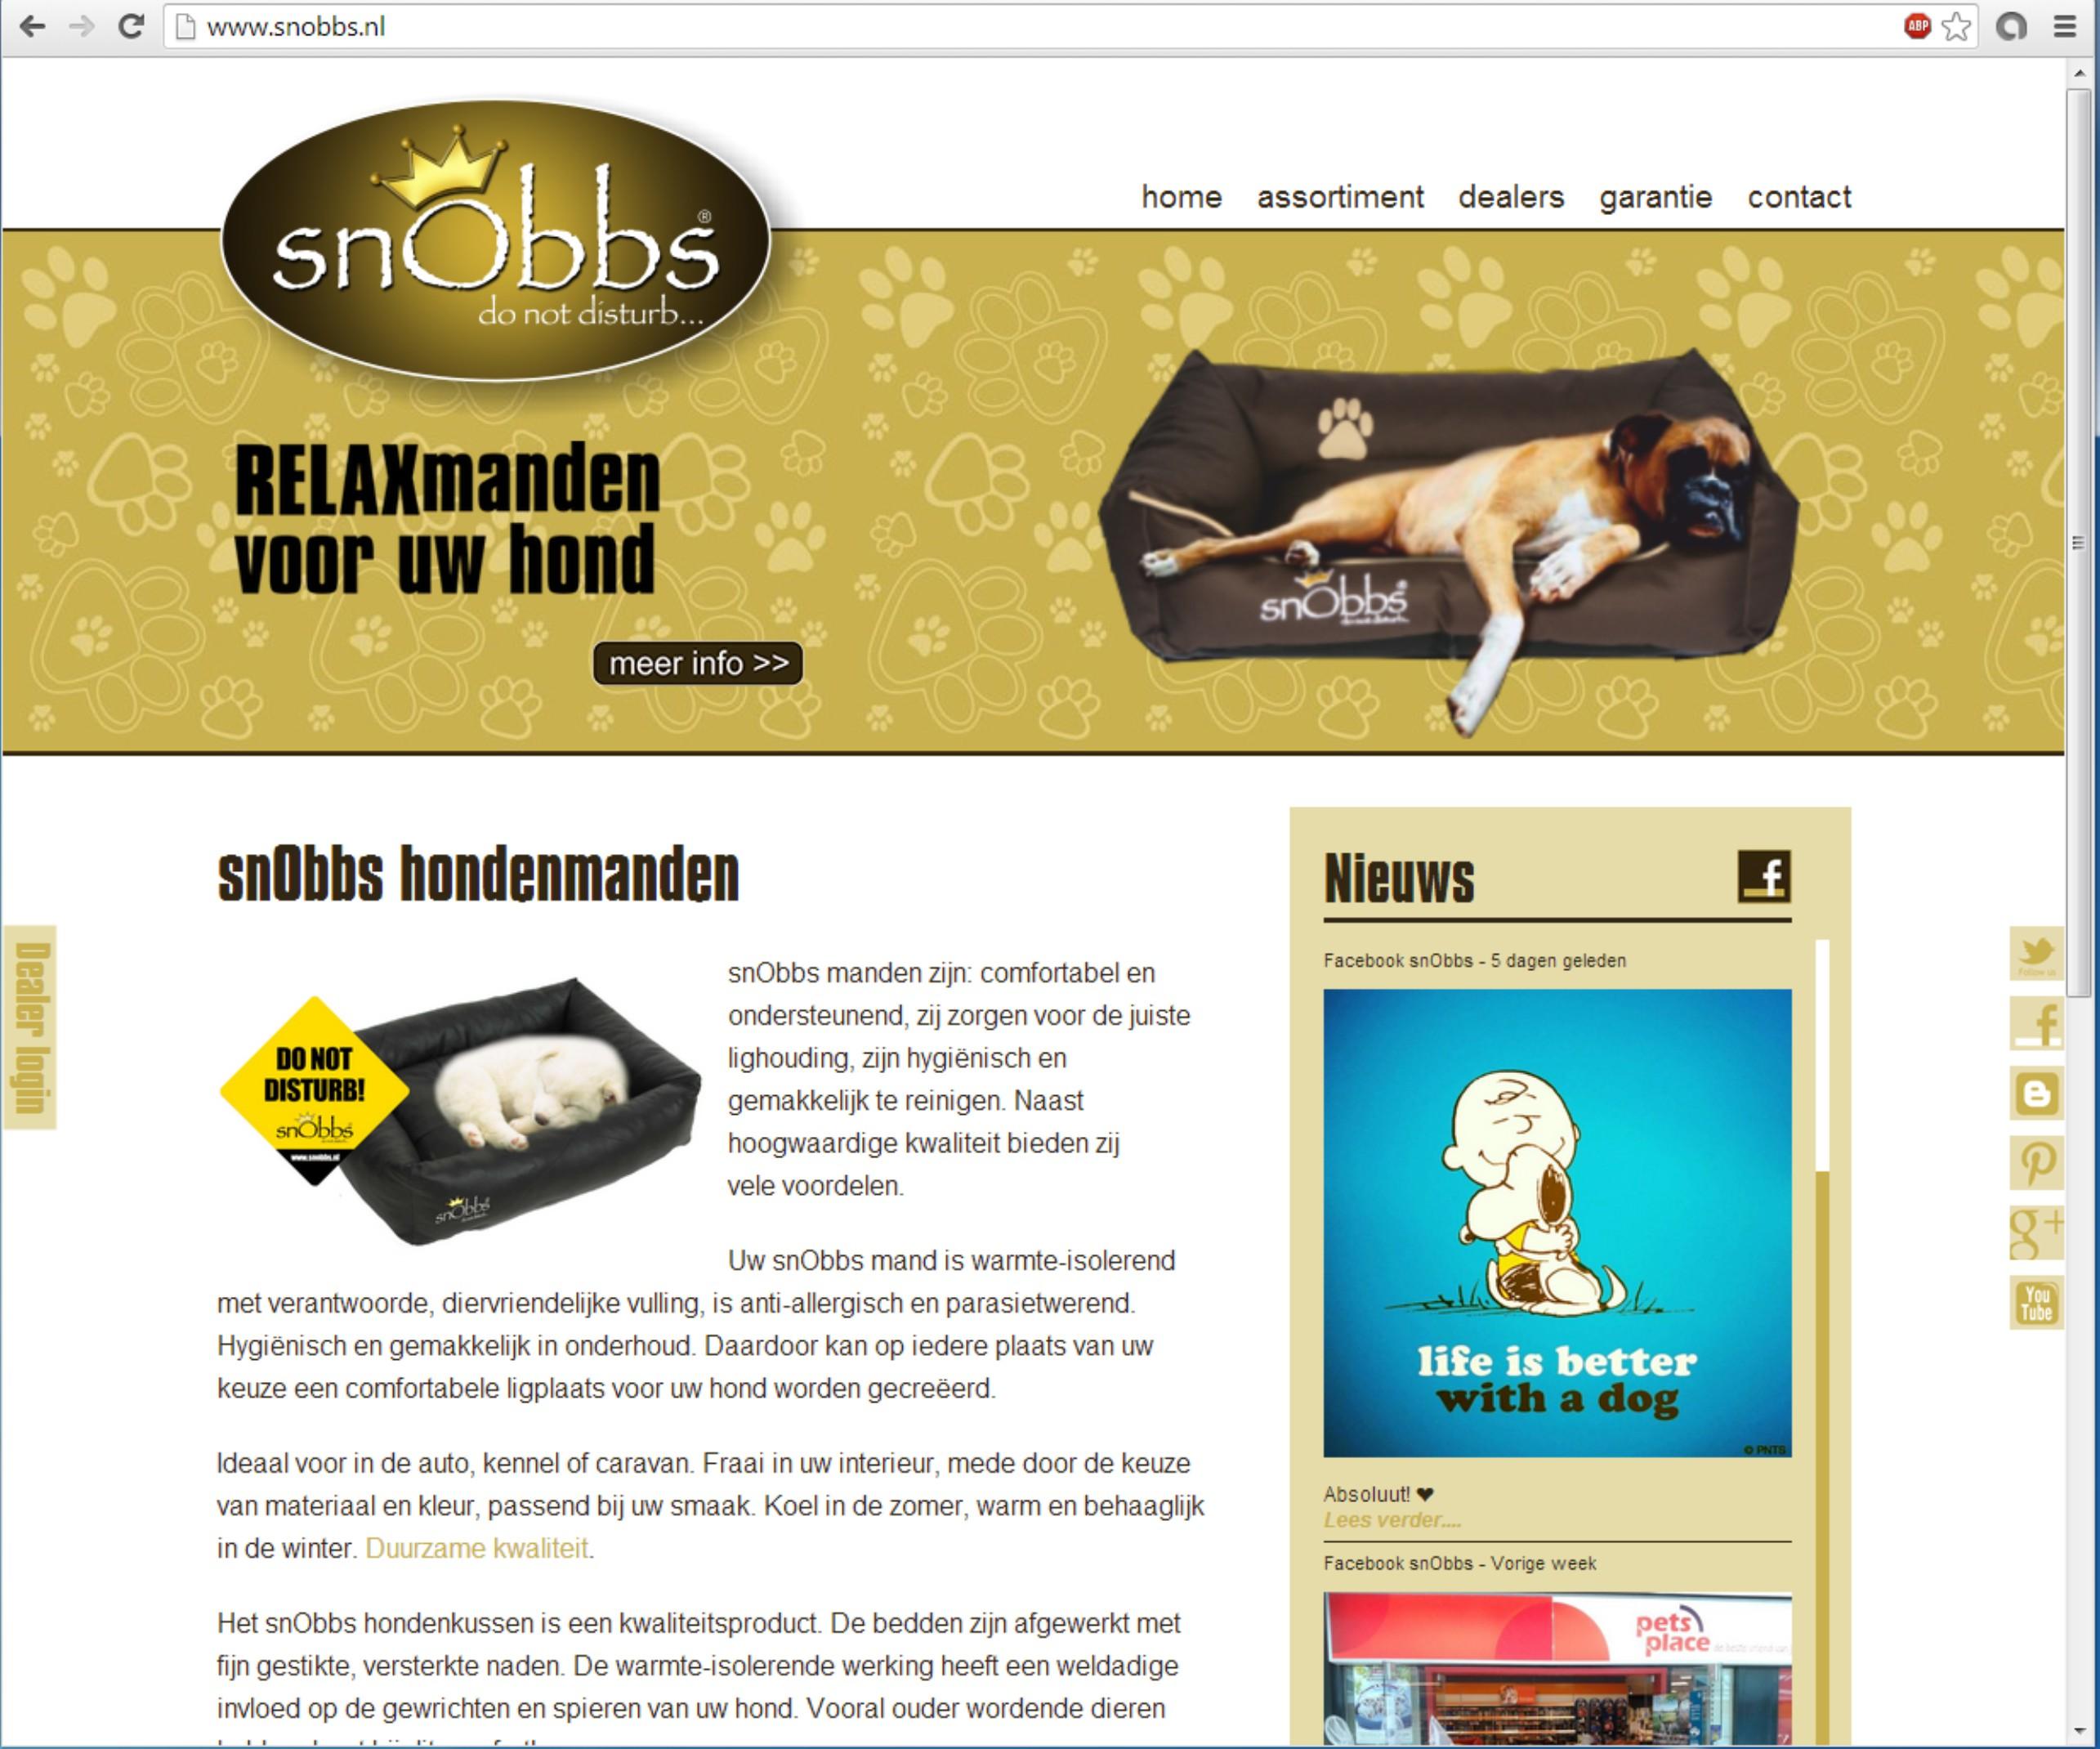 Website met productweergave en actieve dealerkaart +++www.snobbs.nl